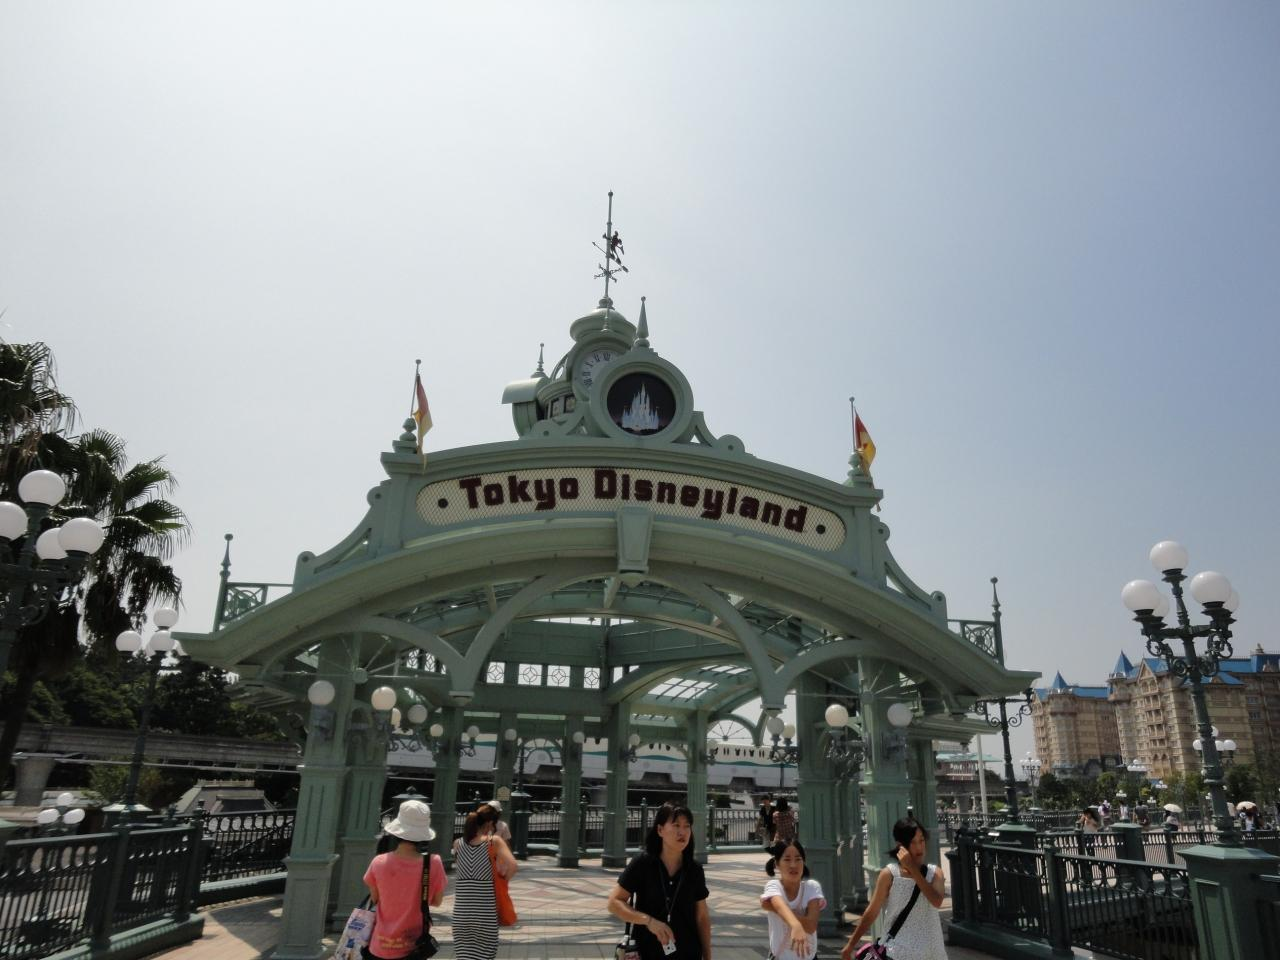 東京ディズニーランドホテル☆ランチブッフェ☆』東京ディズニー